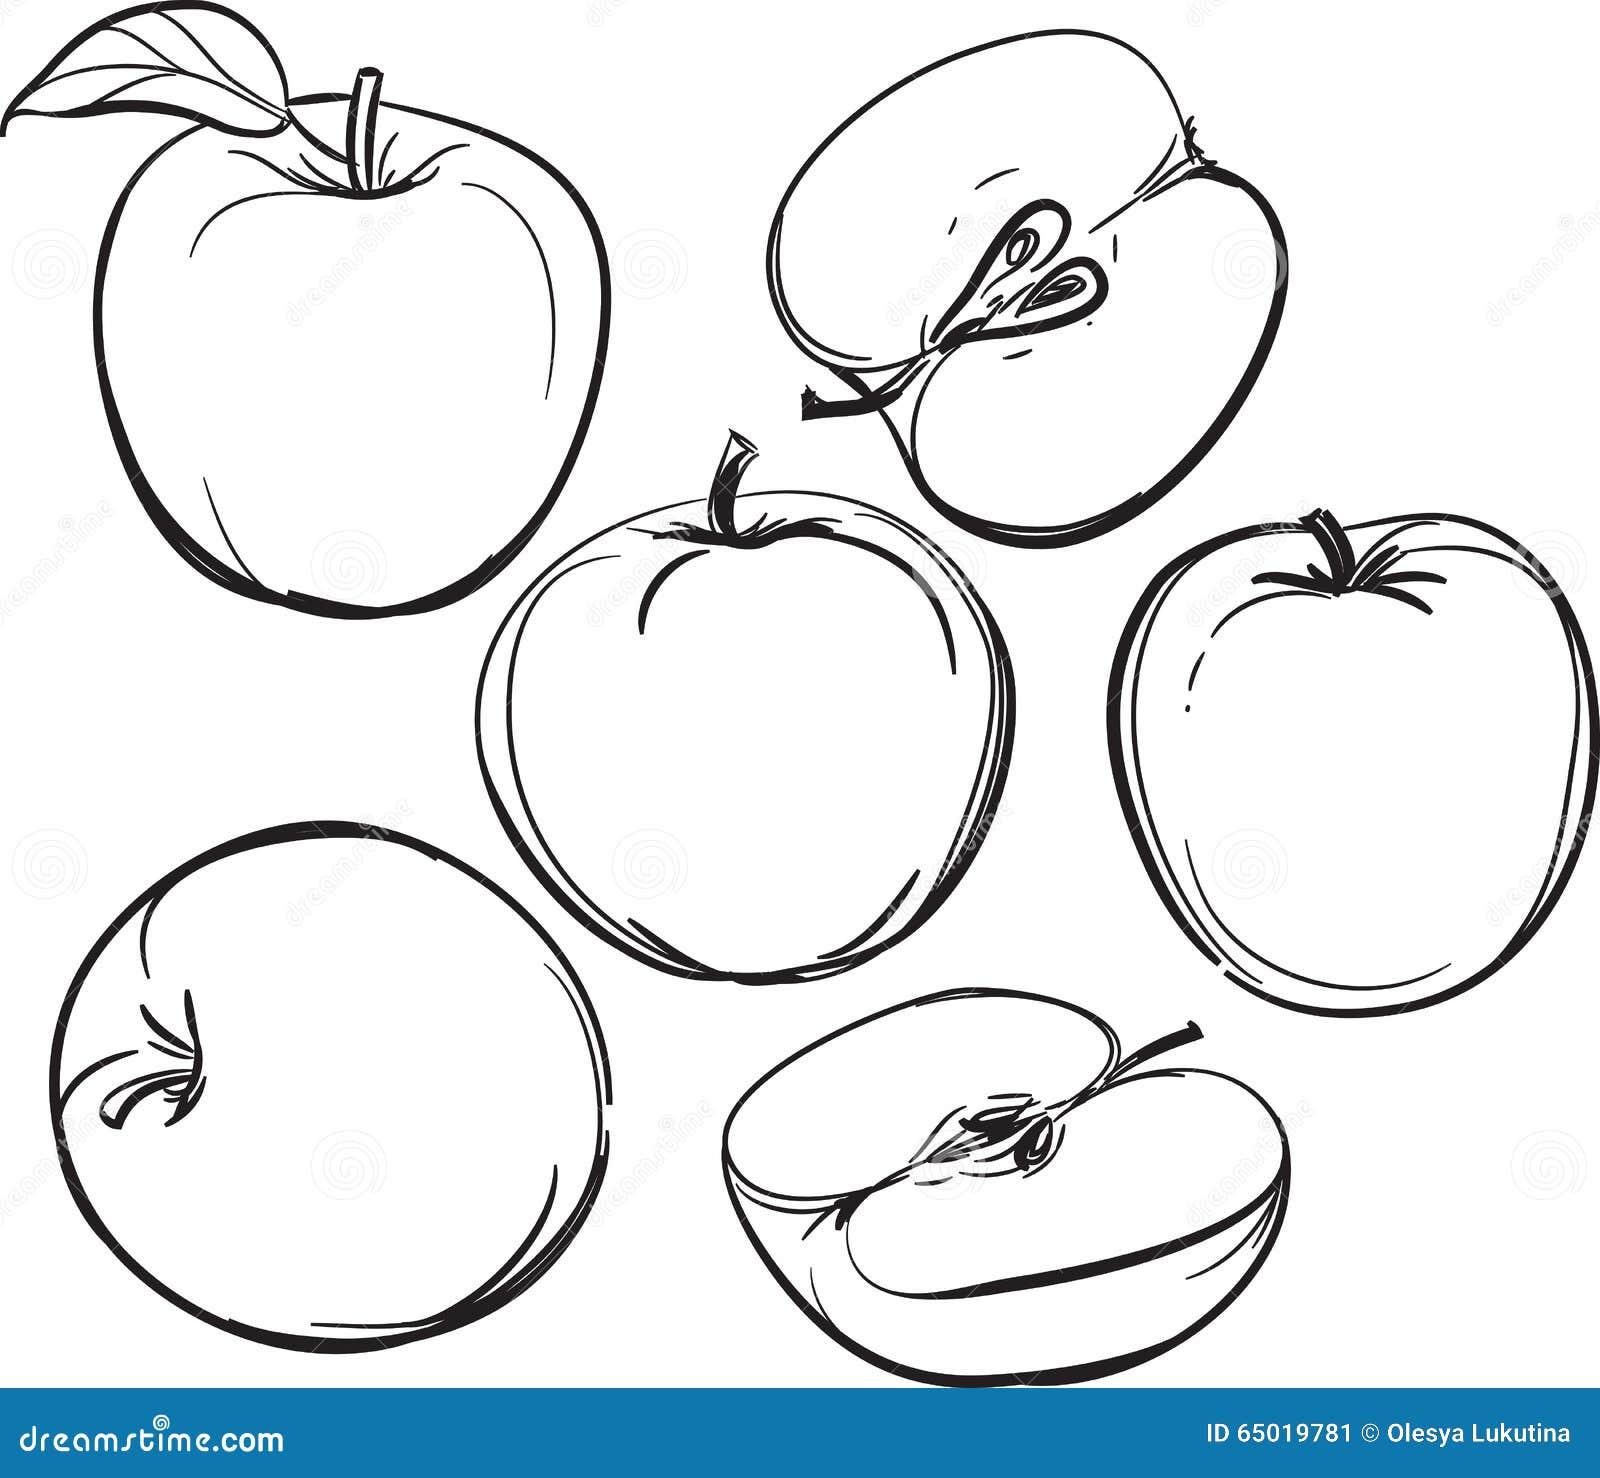 Apple dessin au trait des pommes sur un fond blanc une - Dessin pomme apple ...